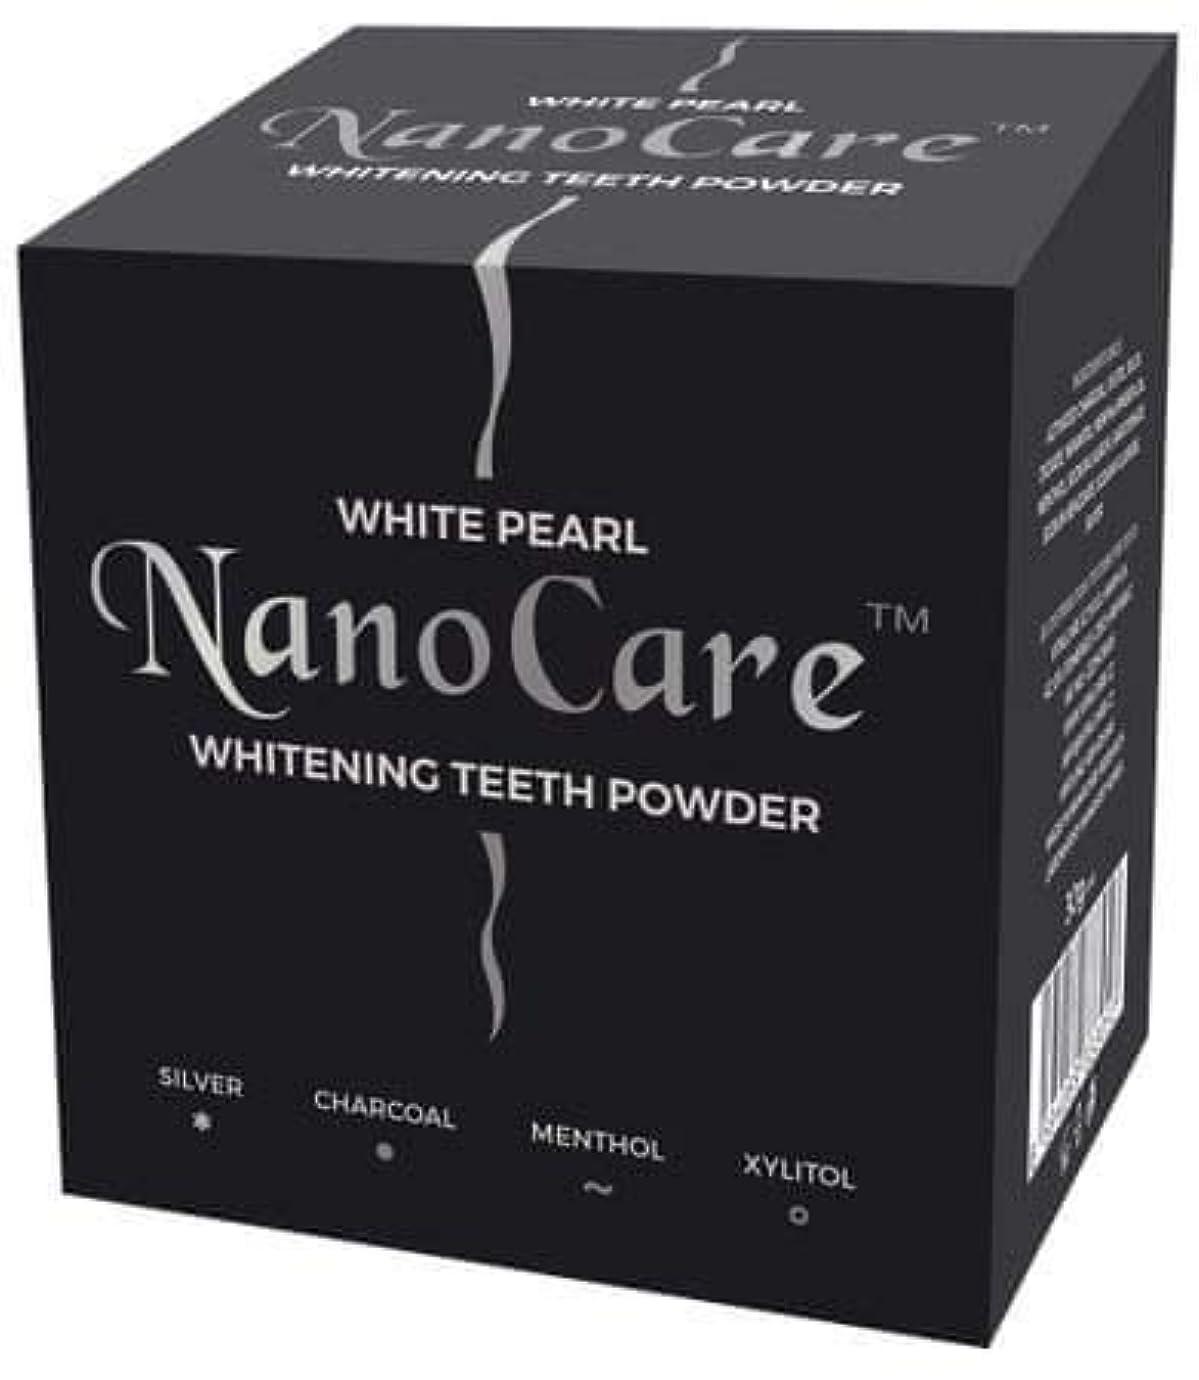 皮肉知り合い車両Nano Care Whitening Powder with Active Charcoal and Silver nanoparticles 30g Made in Korea / 活性炭と銀ナノ粒子30gのナノケアホワイトニングパウダー韓国製